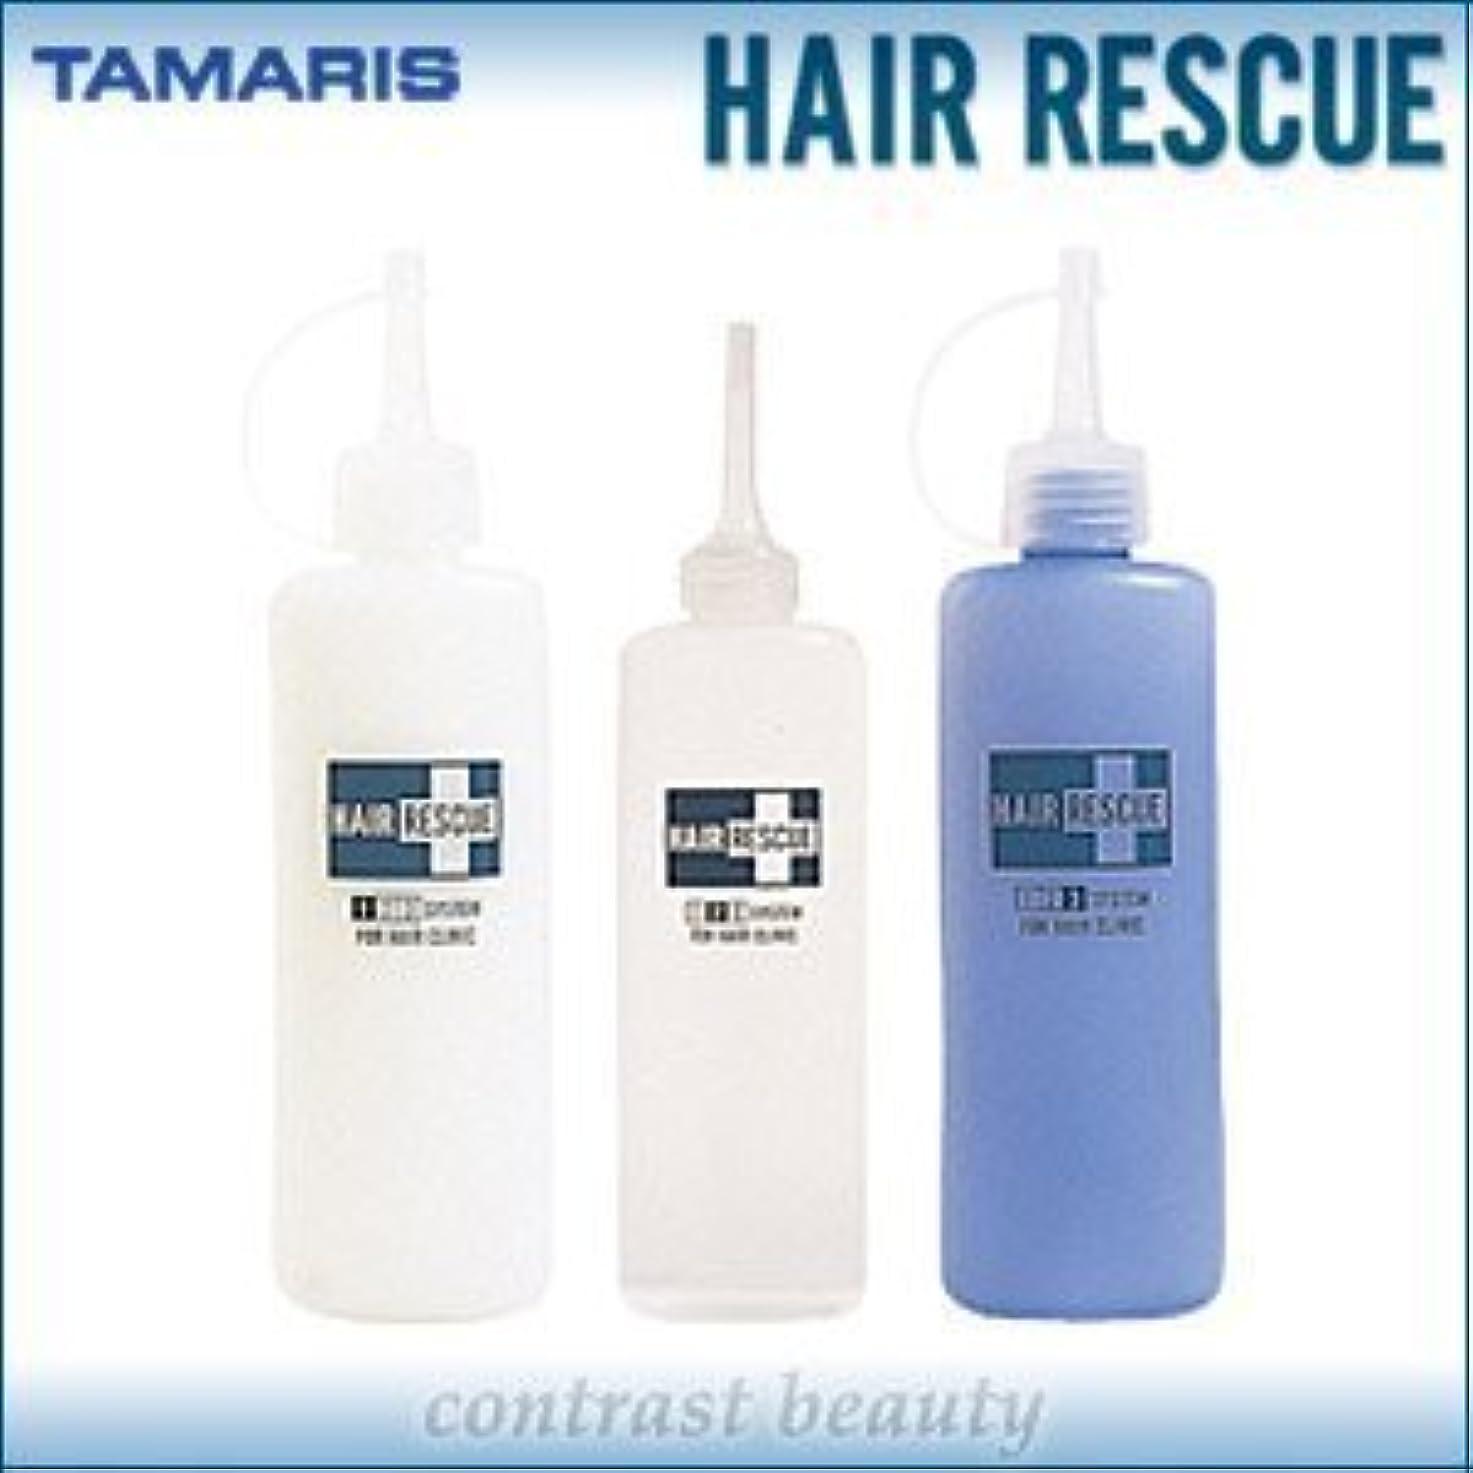 潤滑するパテ介入するタマリス ビッグサイズ ヘアレスキュー (NET.185g 135ml 185g)